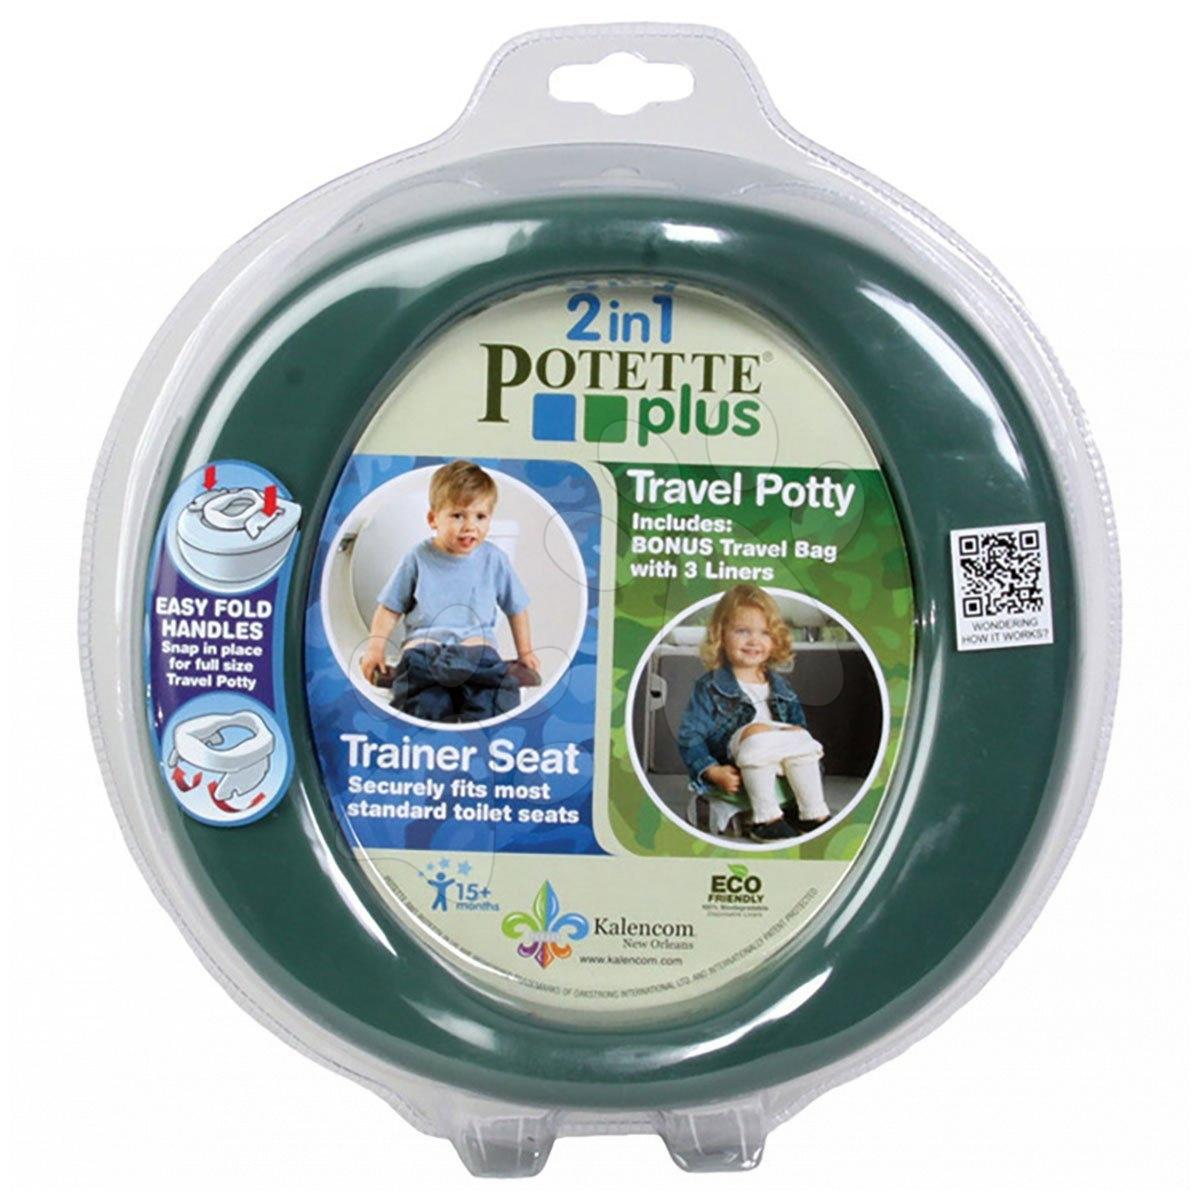 Cestovní nočník/redukce na WC Potette Plus zeleno-hnědý od 15 měsíců